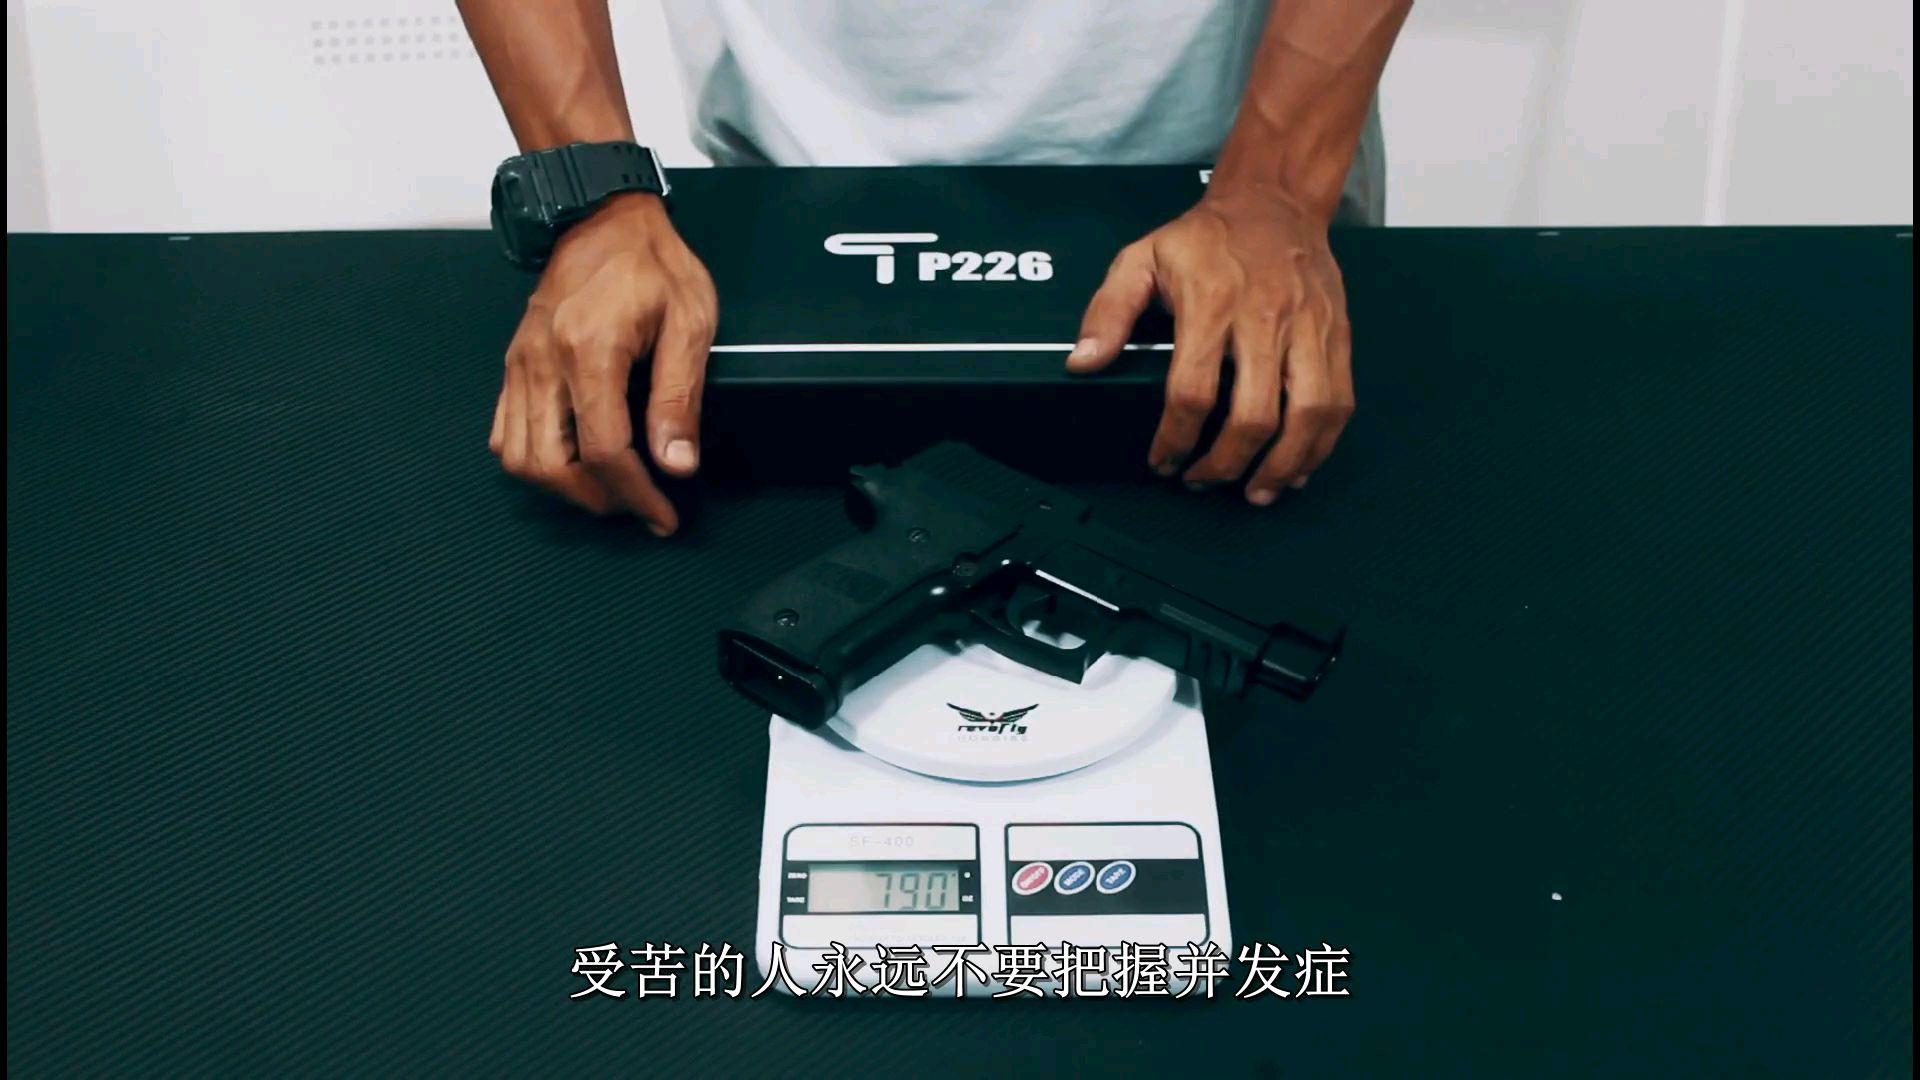 [油管搬运]P226玩具水枪